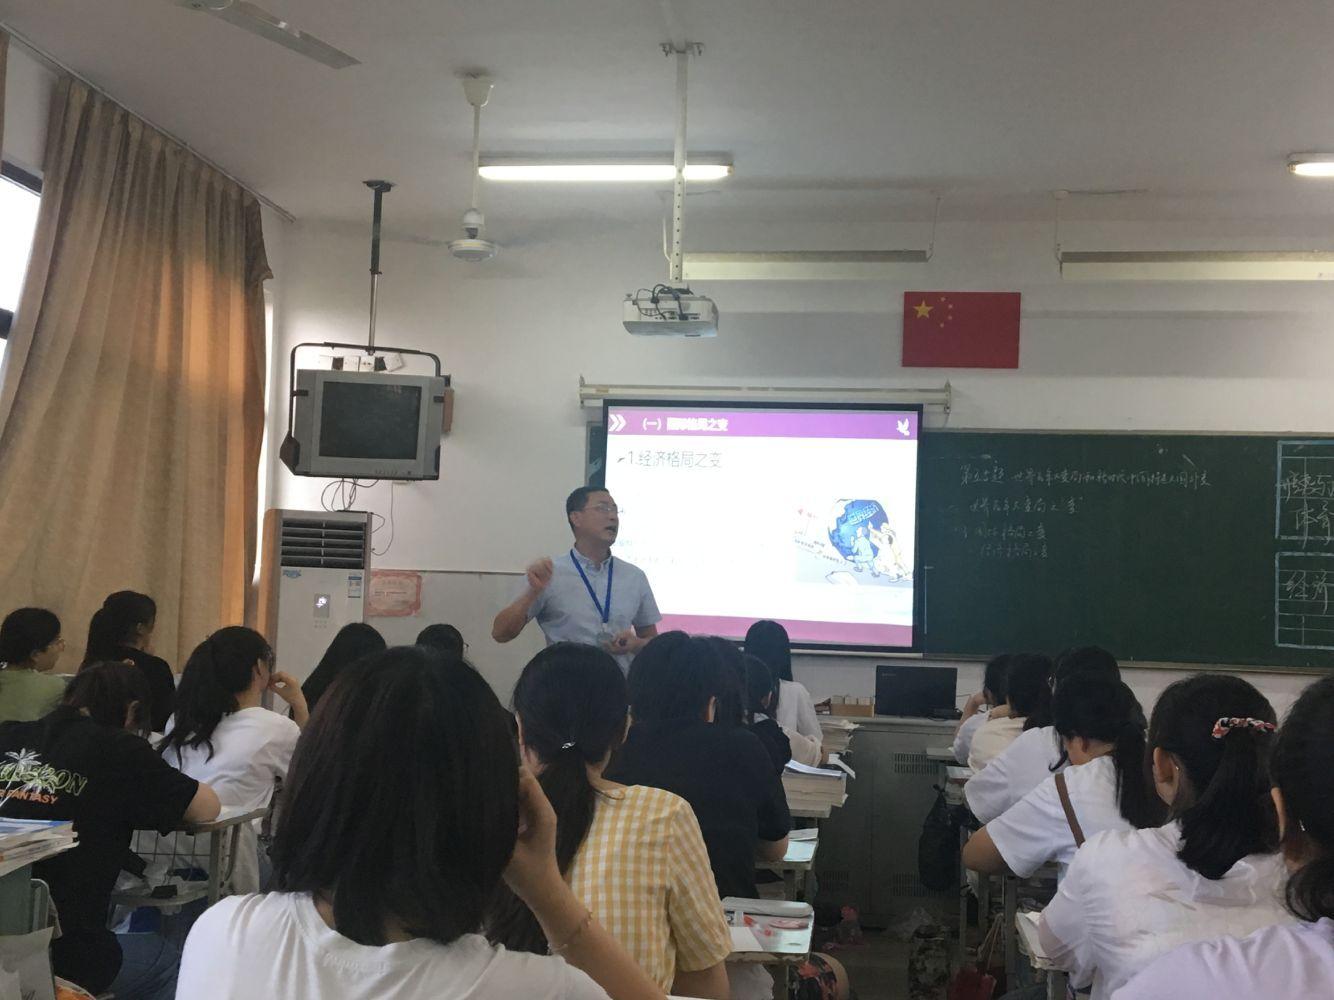 徐明G1662公开课照片1(20200618).jpg